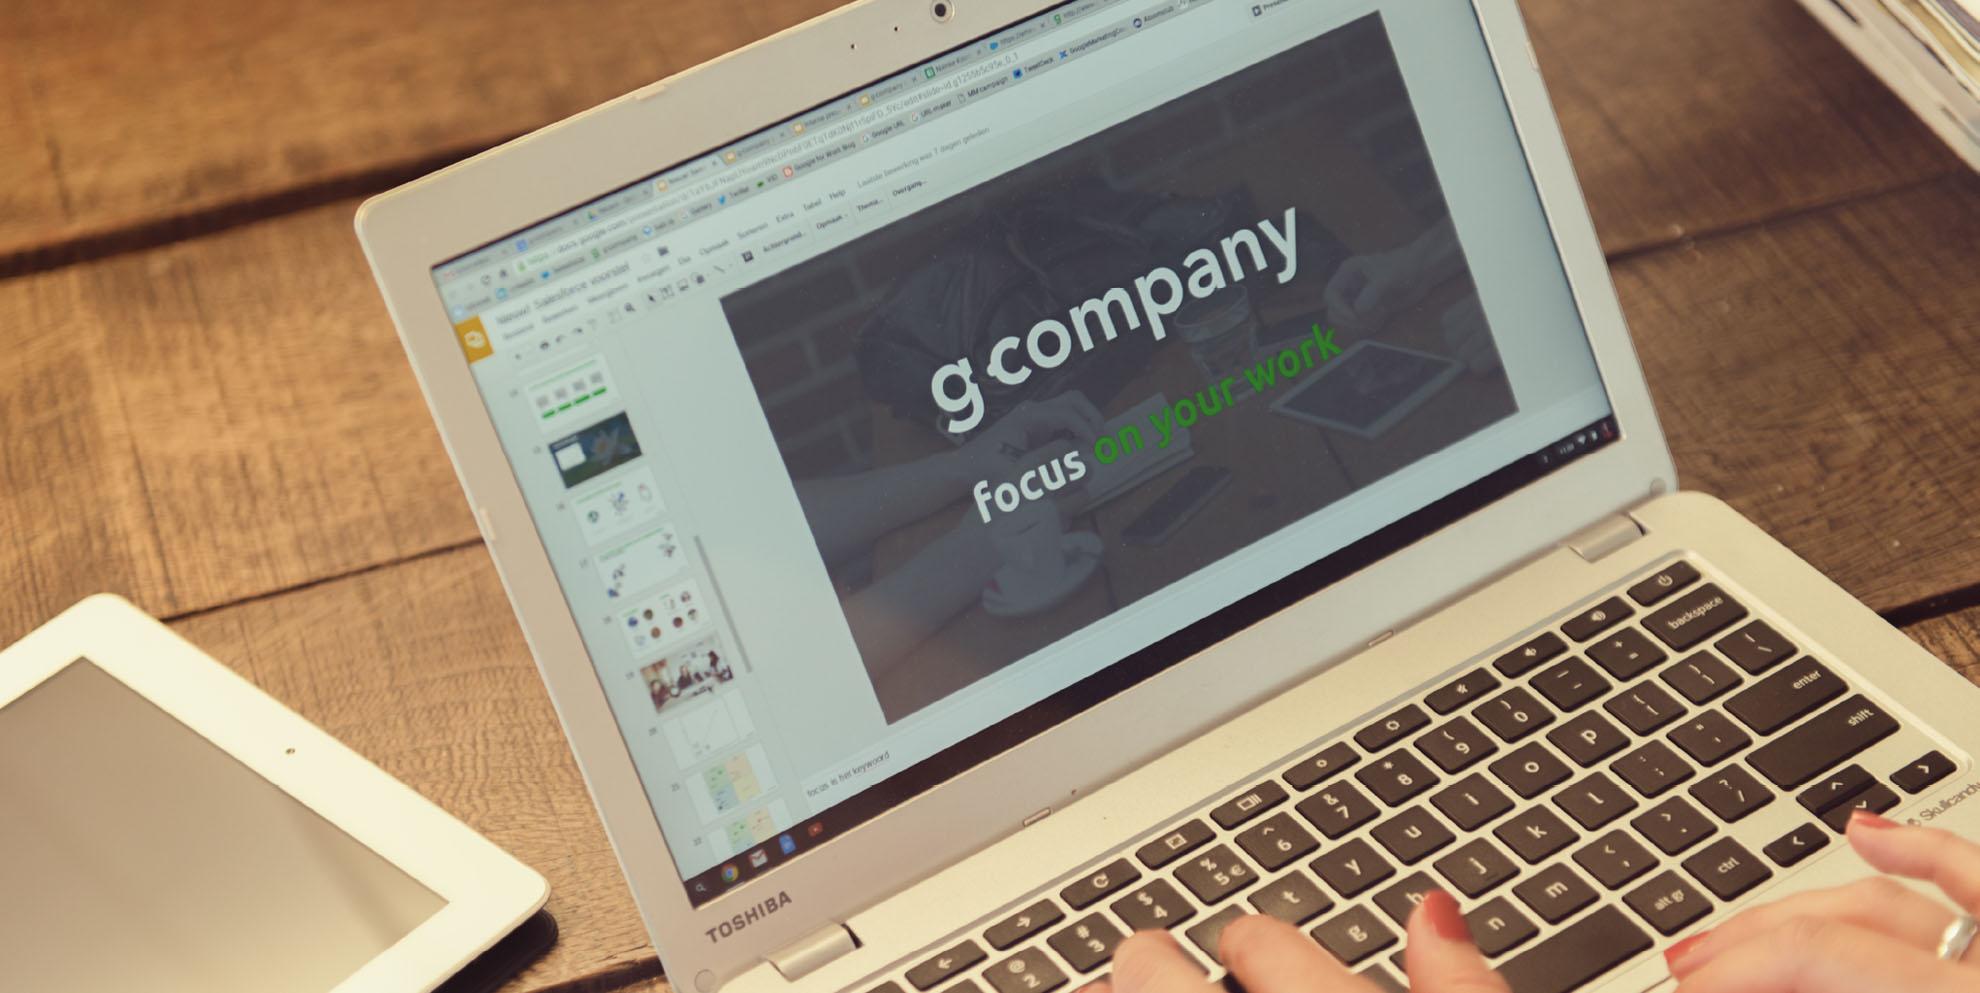 g-company